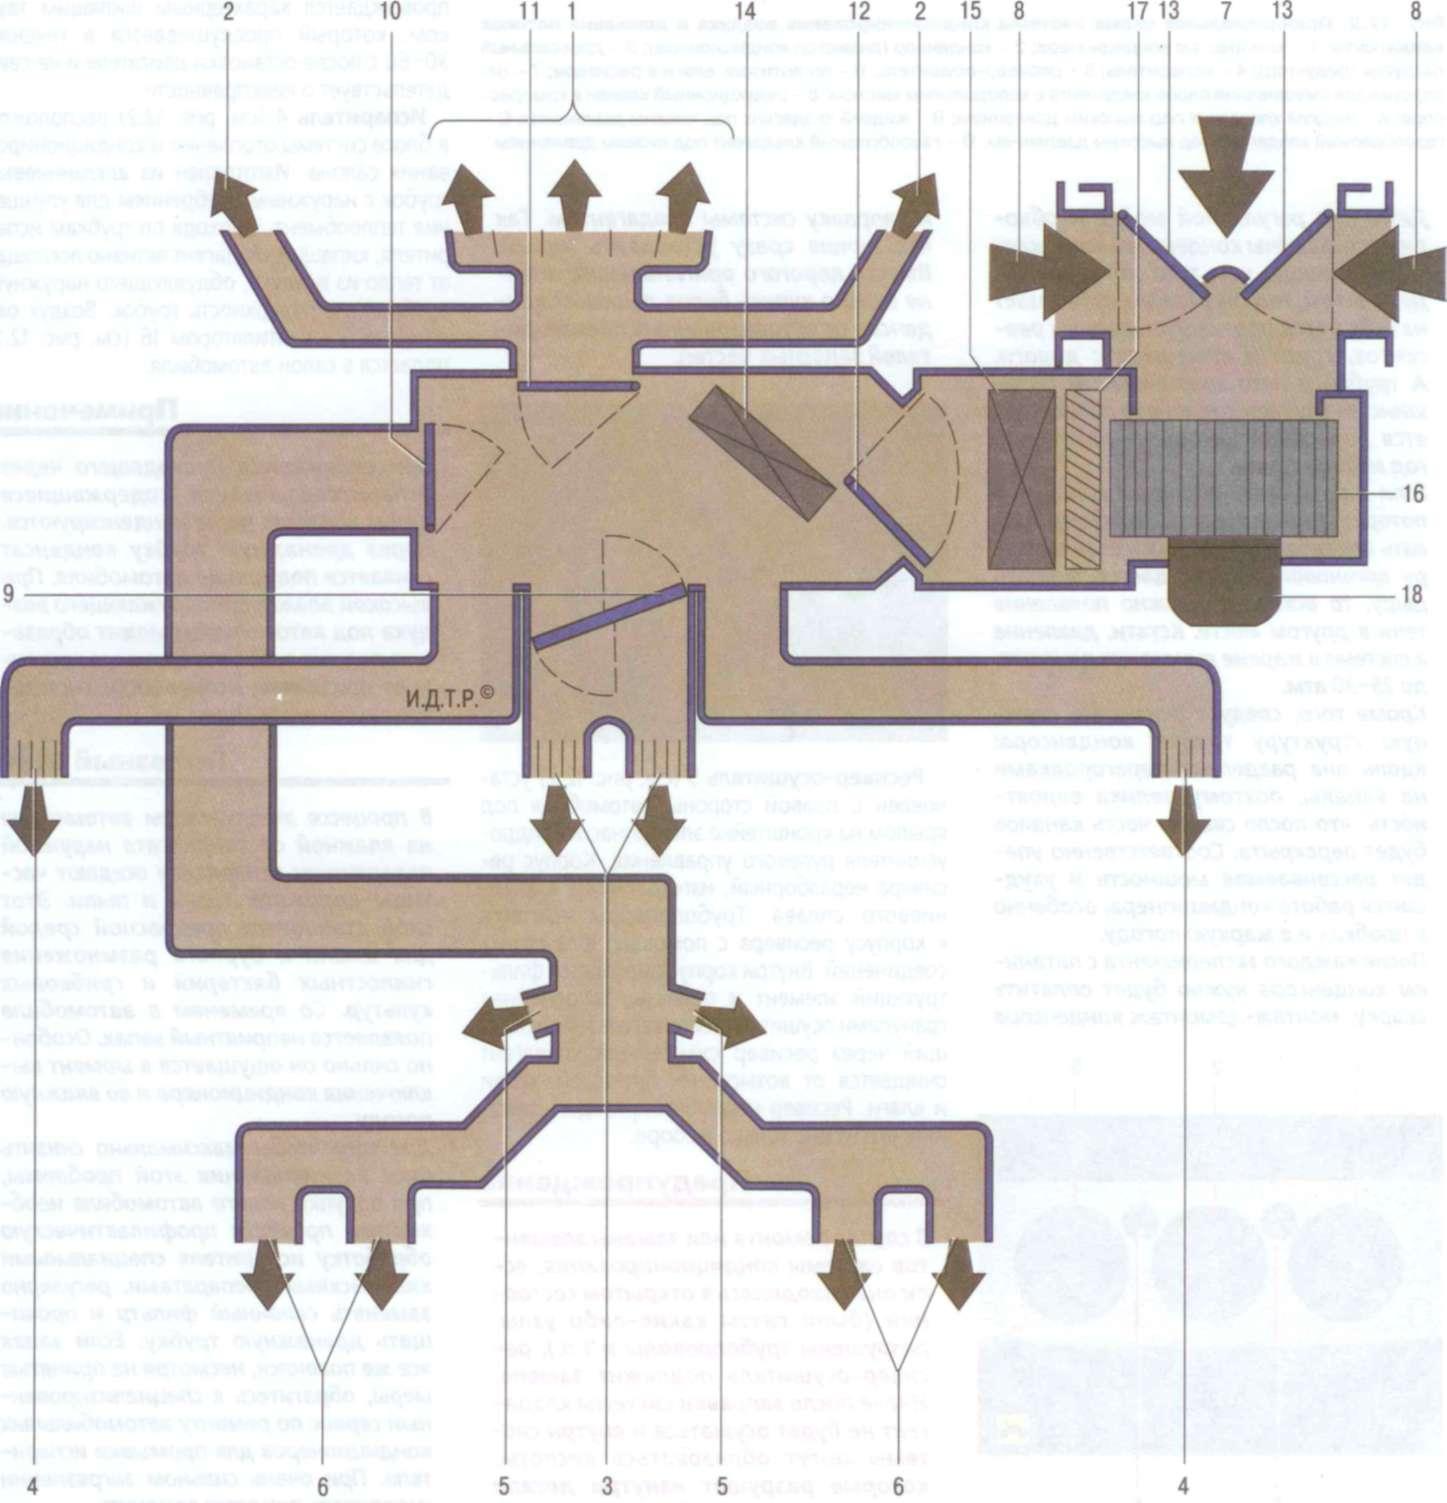 """Вот, может кому интересно, схема воздуховодов Фокуса.  Взято из книги  """"Ремонт без проблем """" ИД  """"Третий Рим """"."""